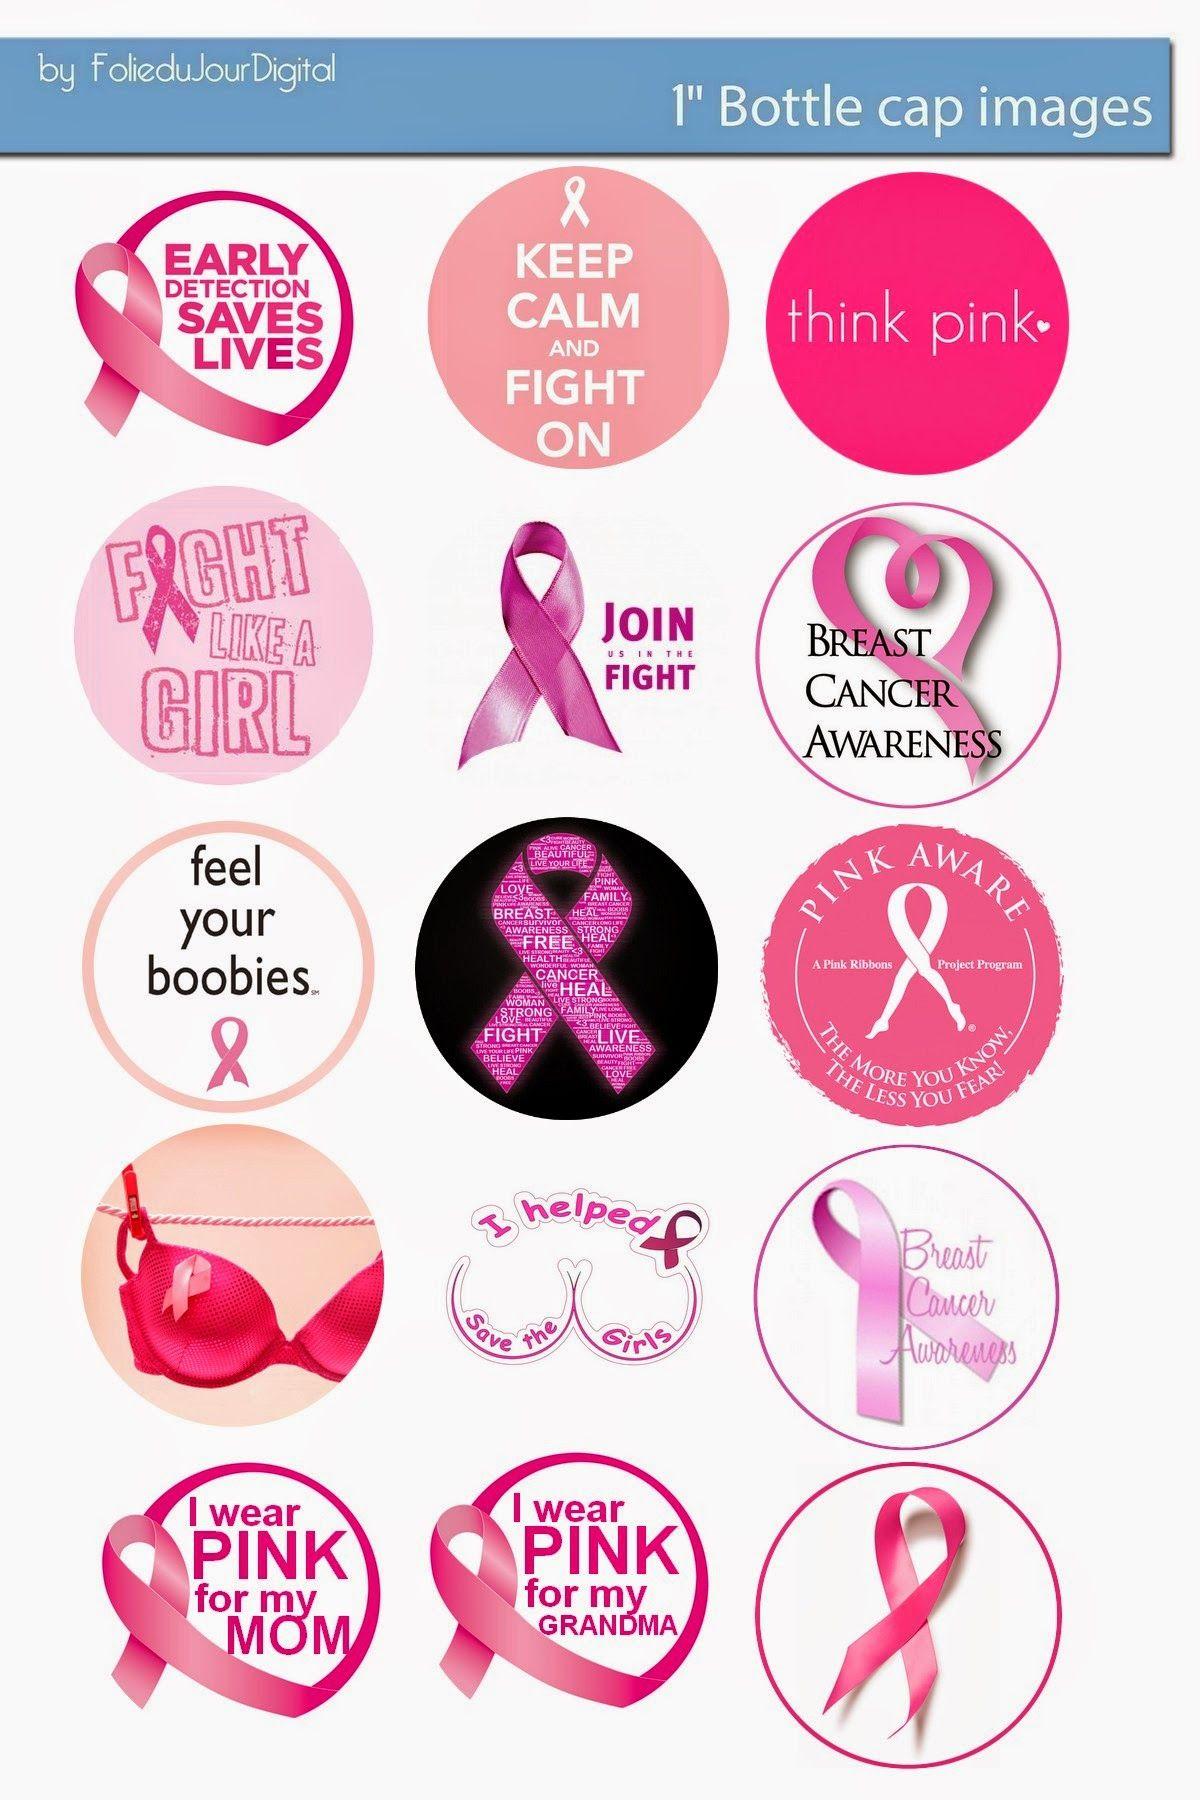 Folie du Jour Bottle Cap Images: Breast Cancer pink ribbon Awareness ...